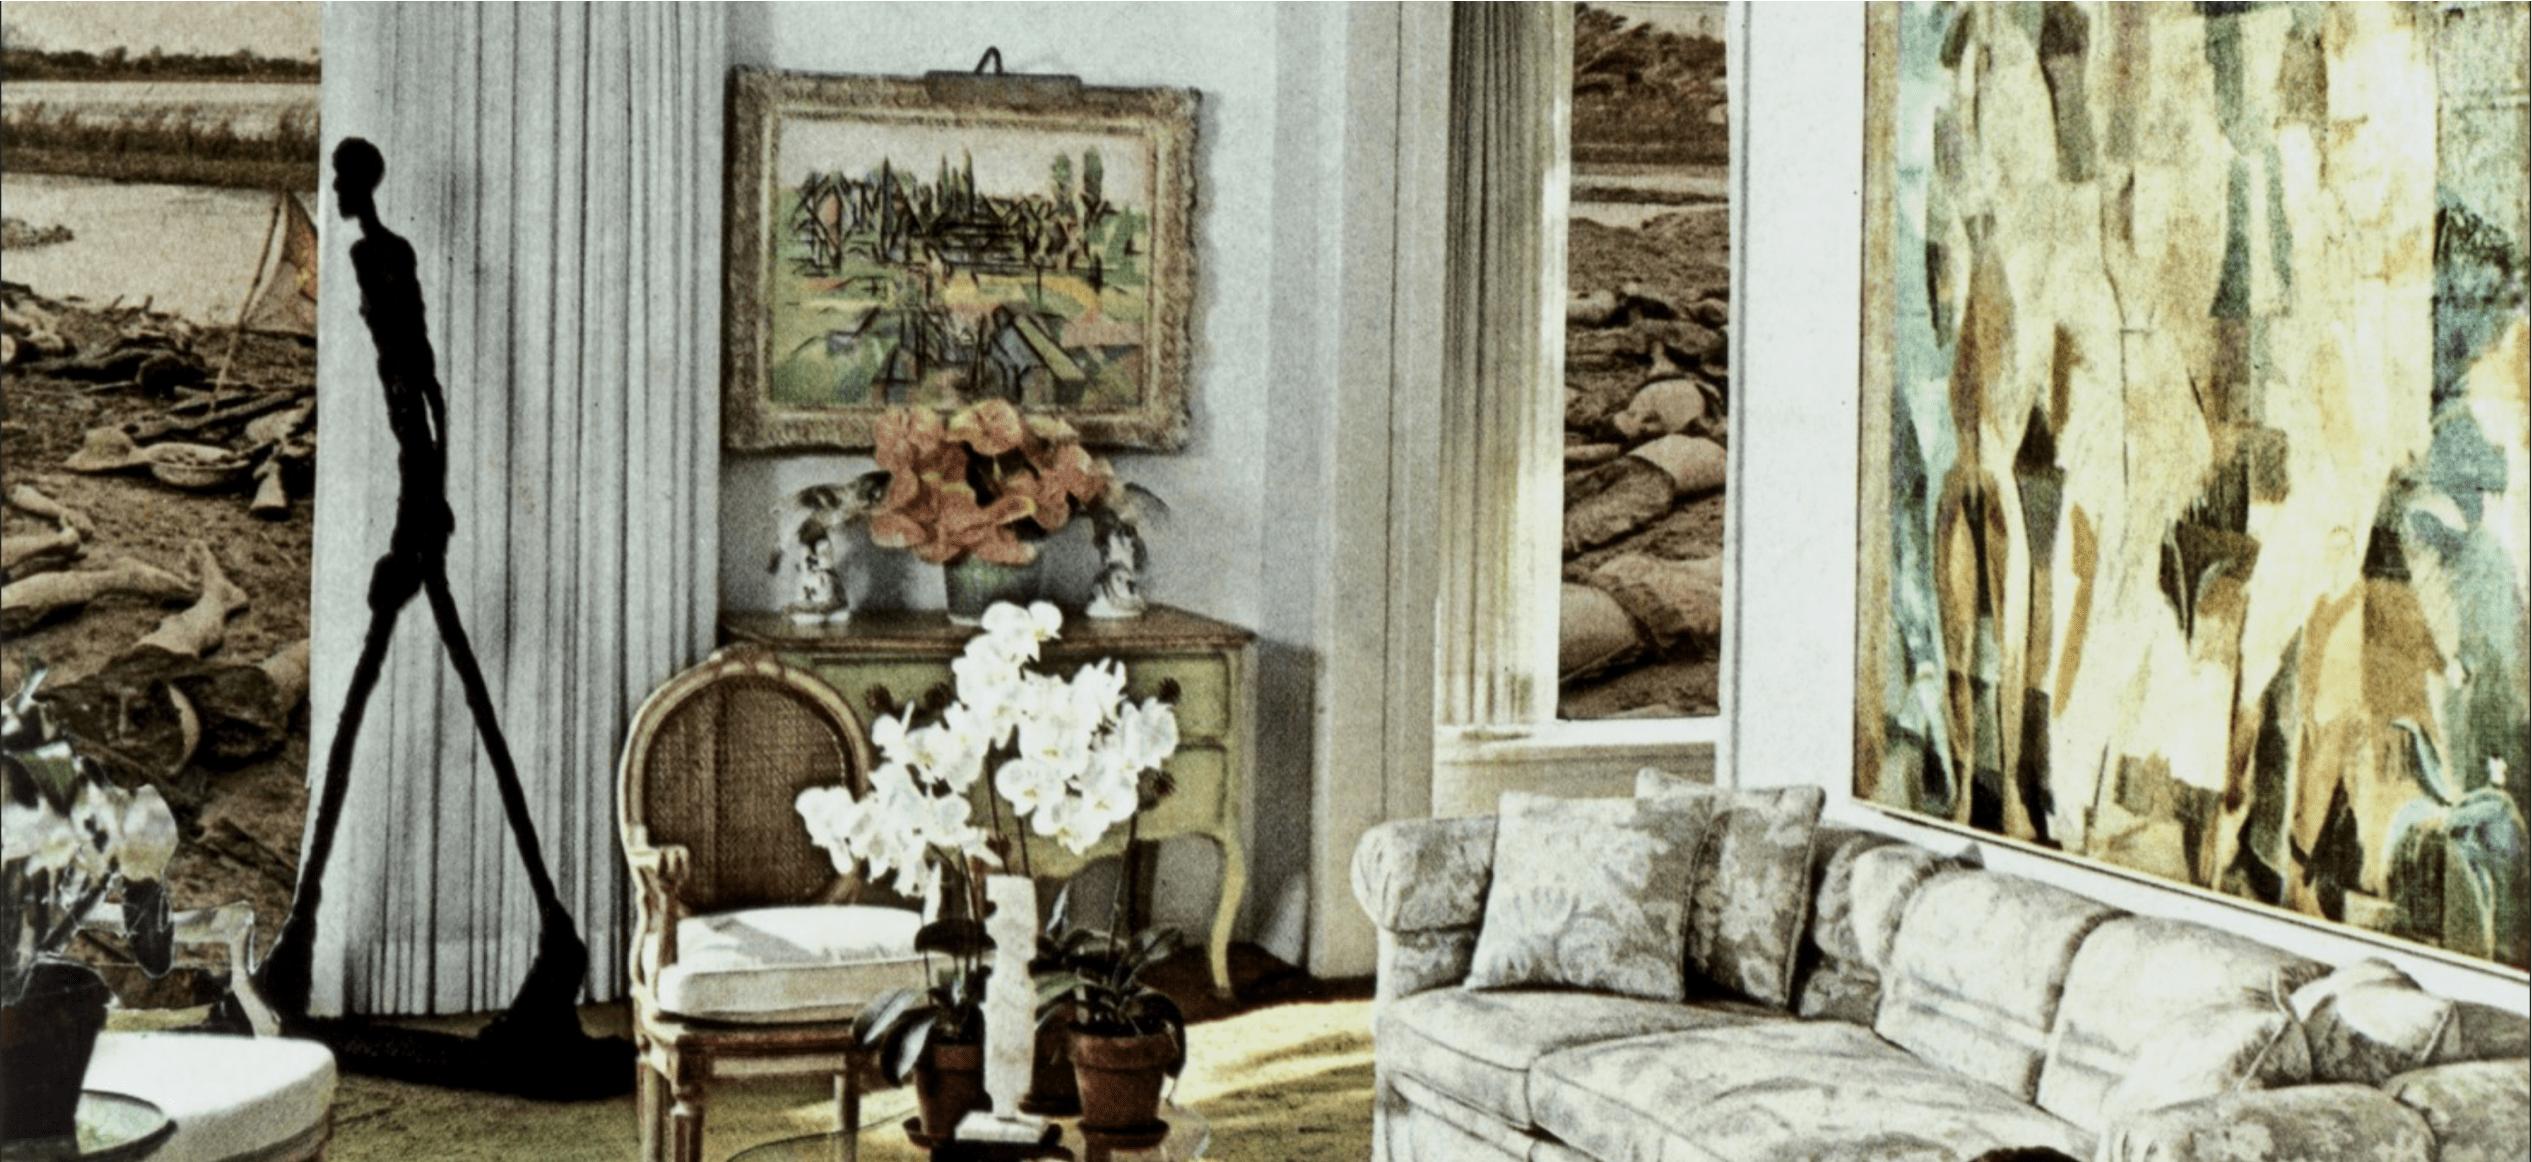 Martha Rosler: Critical Domesticity